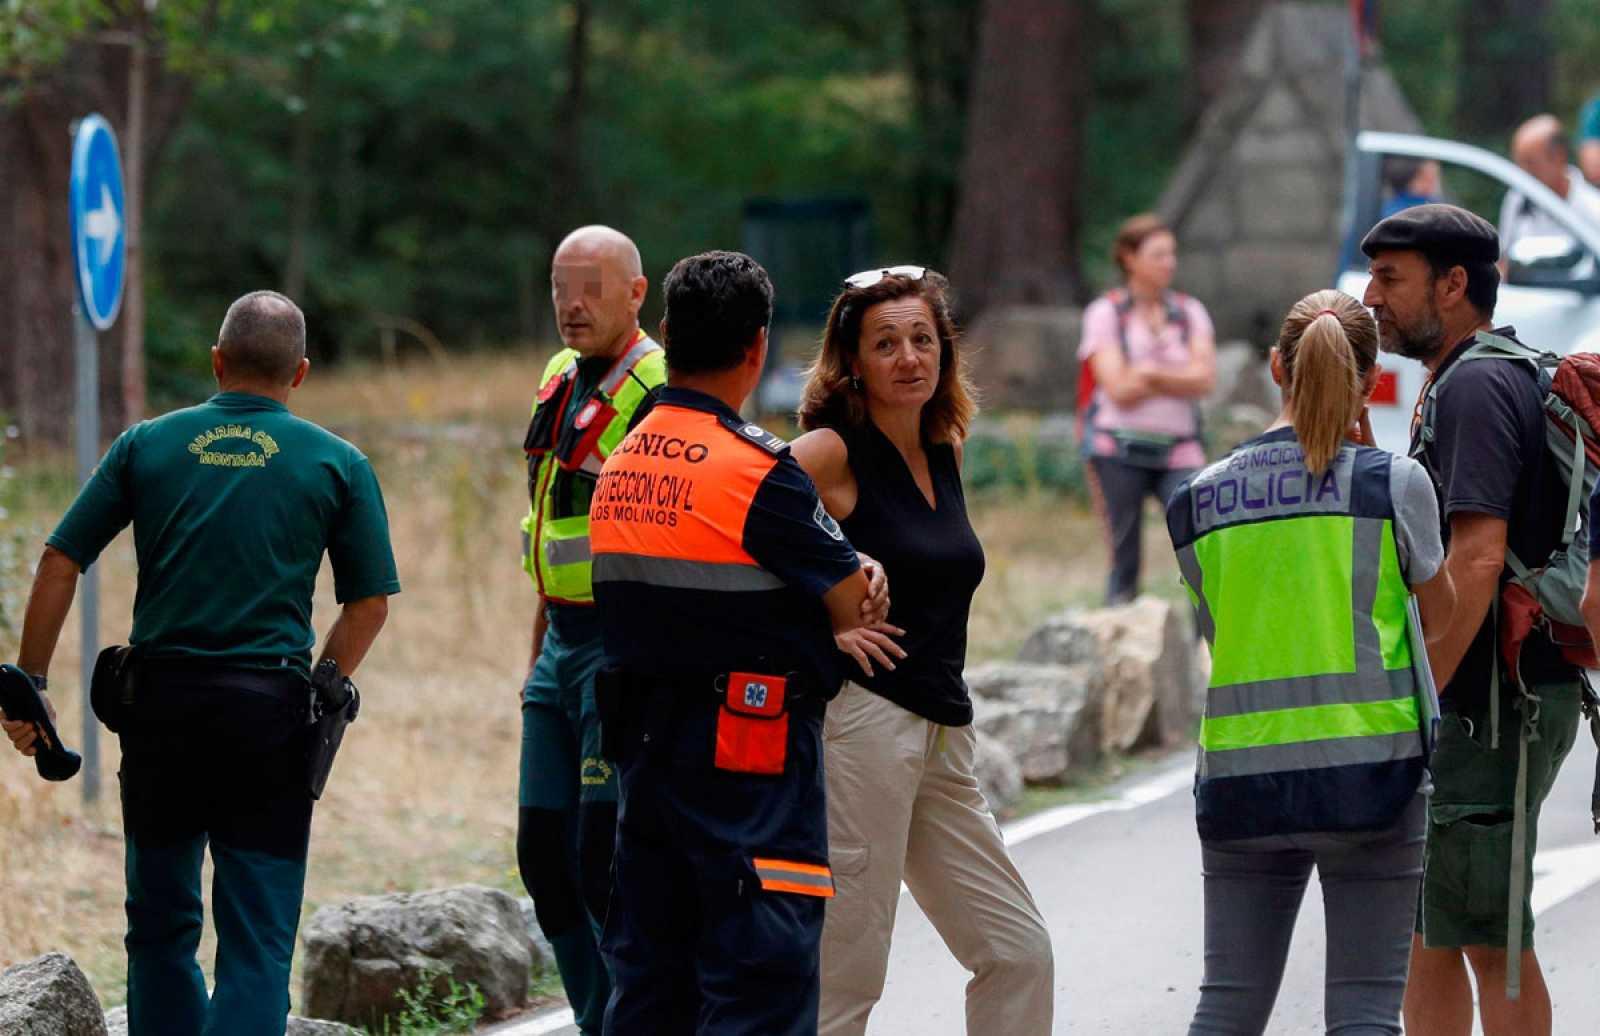 Exclusiva: la Policía estudia el móvil de Blanca Fernández Ochoa al sospechar que la familia esconde algo